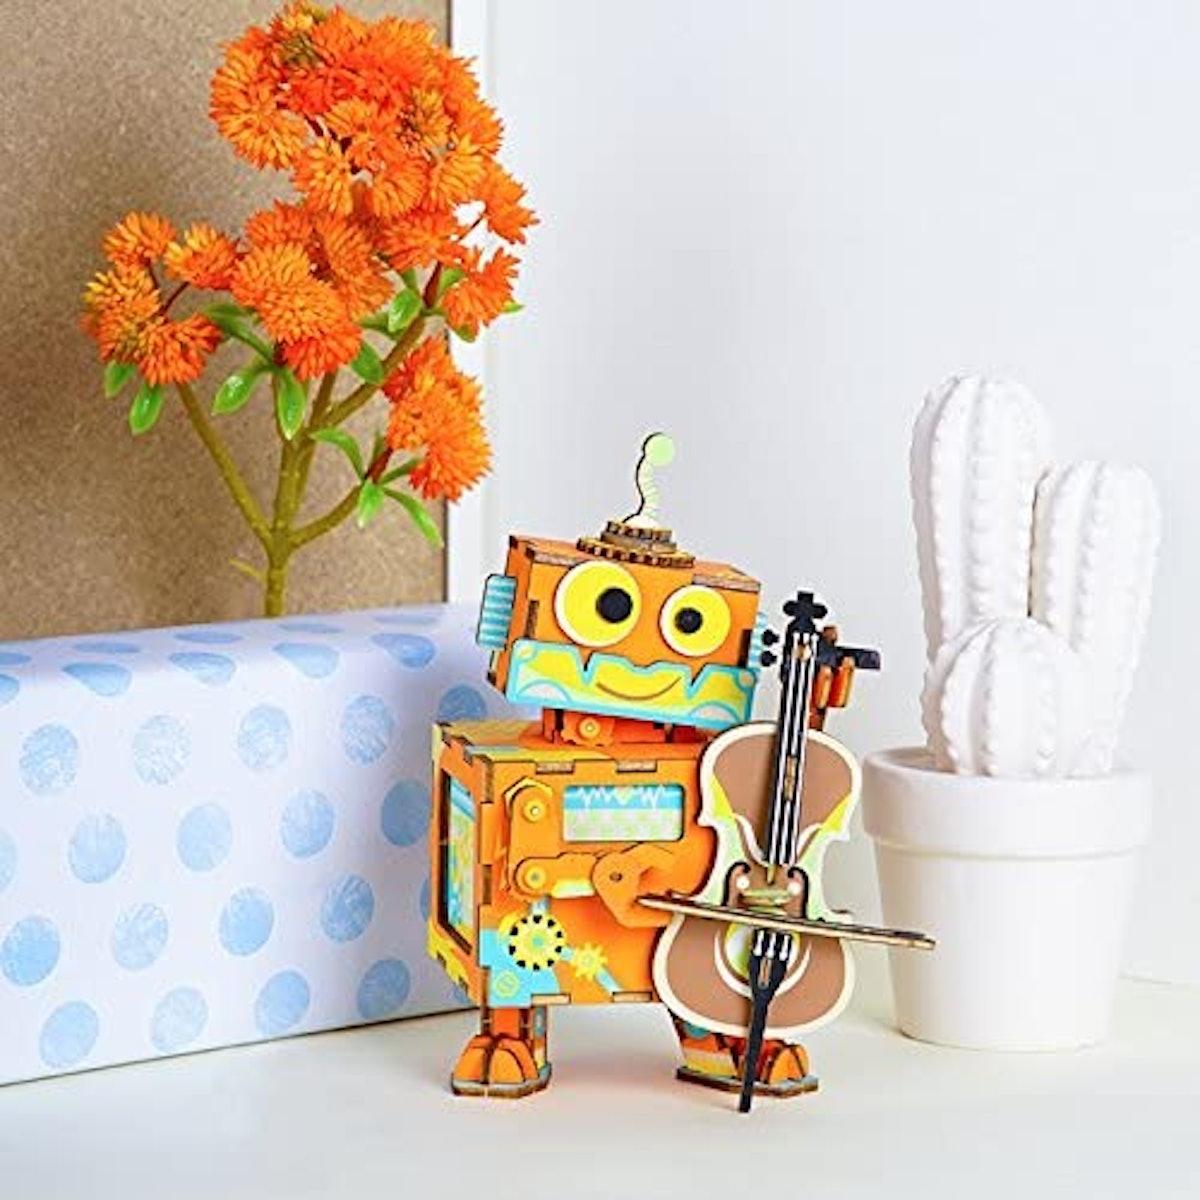 ROBOTIME 3-D Puzzle